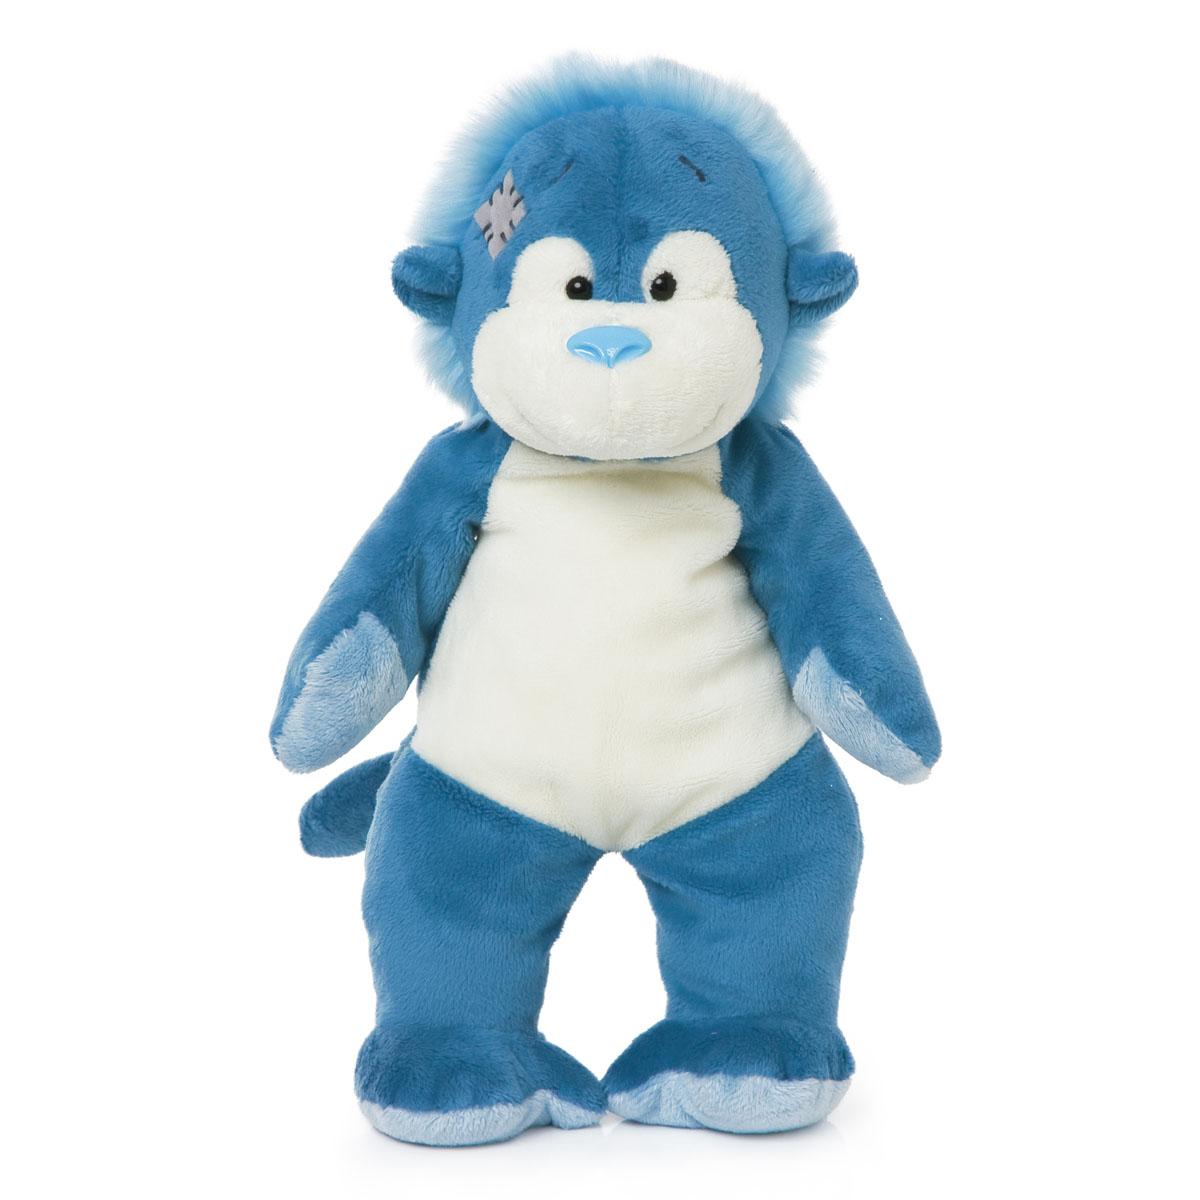 Me to You Мягкая игрушка Орангутанг Jungle, 28 смG73W0300Забавная мягкая игрушка Me to You Орангутанг Jungle станет лучшим другом для любого ребенка. Игрушка изготовлена из безопасных, приятных на ощупь текстильных материалов в виде орангутанга с милой заплаткой на голове. Глазки и нос игрушки выполнены из пластика. Пластиковые гранулы, используемые при набивке игрушки, способствуют развитию мелкой моторики рук ребенка. С такой забавной игрушкой можно смело засыпать в кроватке или отправляться на прогулку.